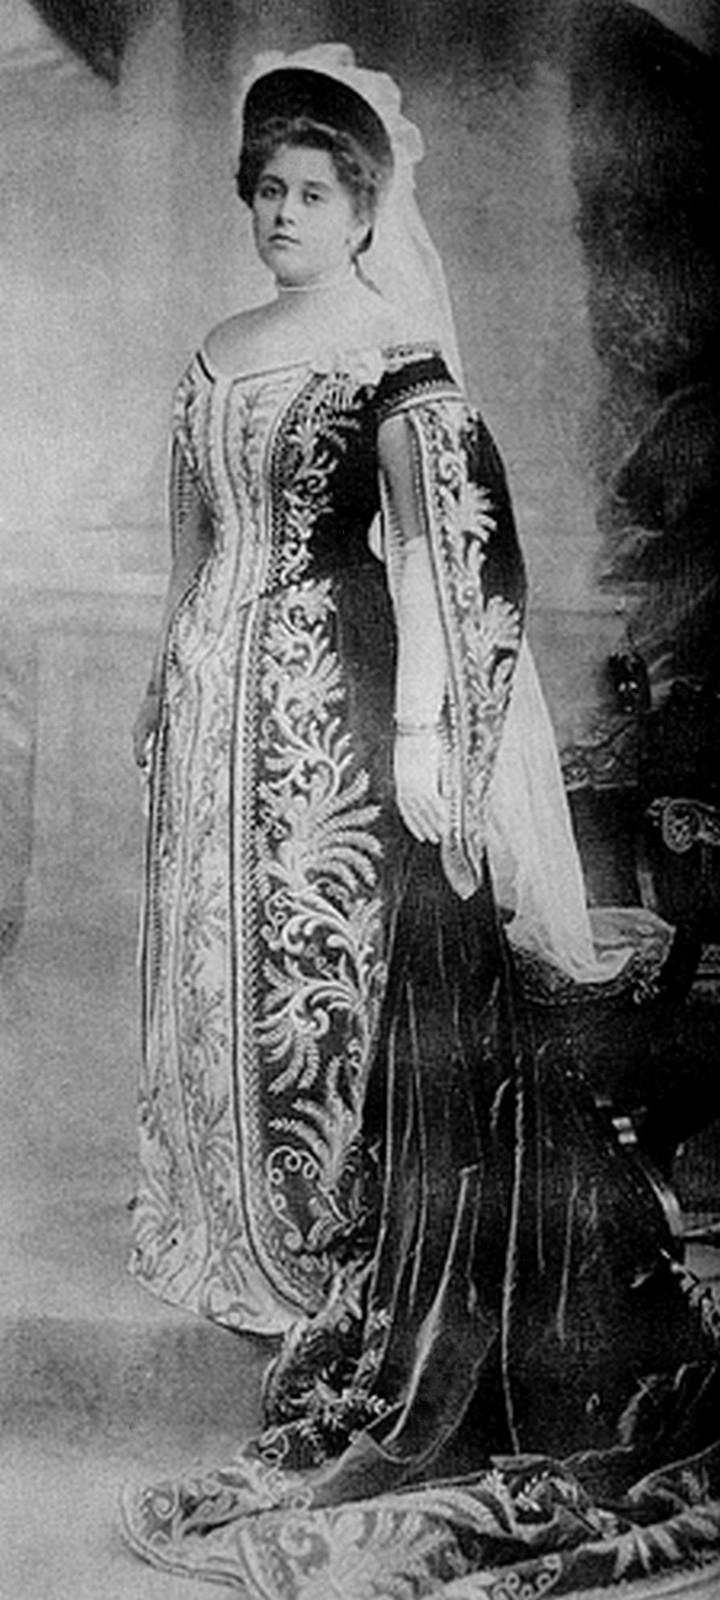 Анна Танеева на костюмированном придворном балу в Эрмитаже, 22 января 1903 года.  Источник: wikipedia.org